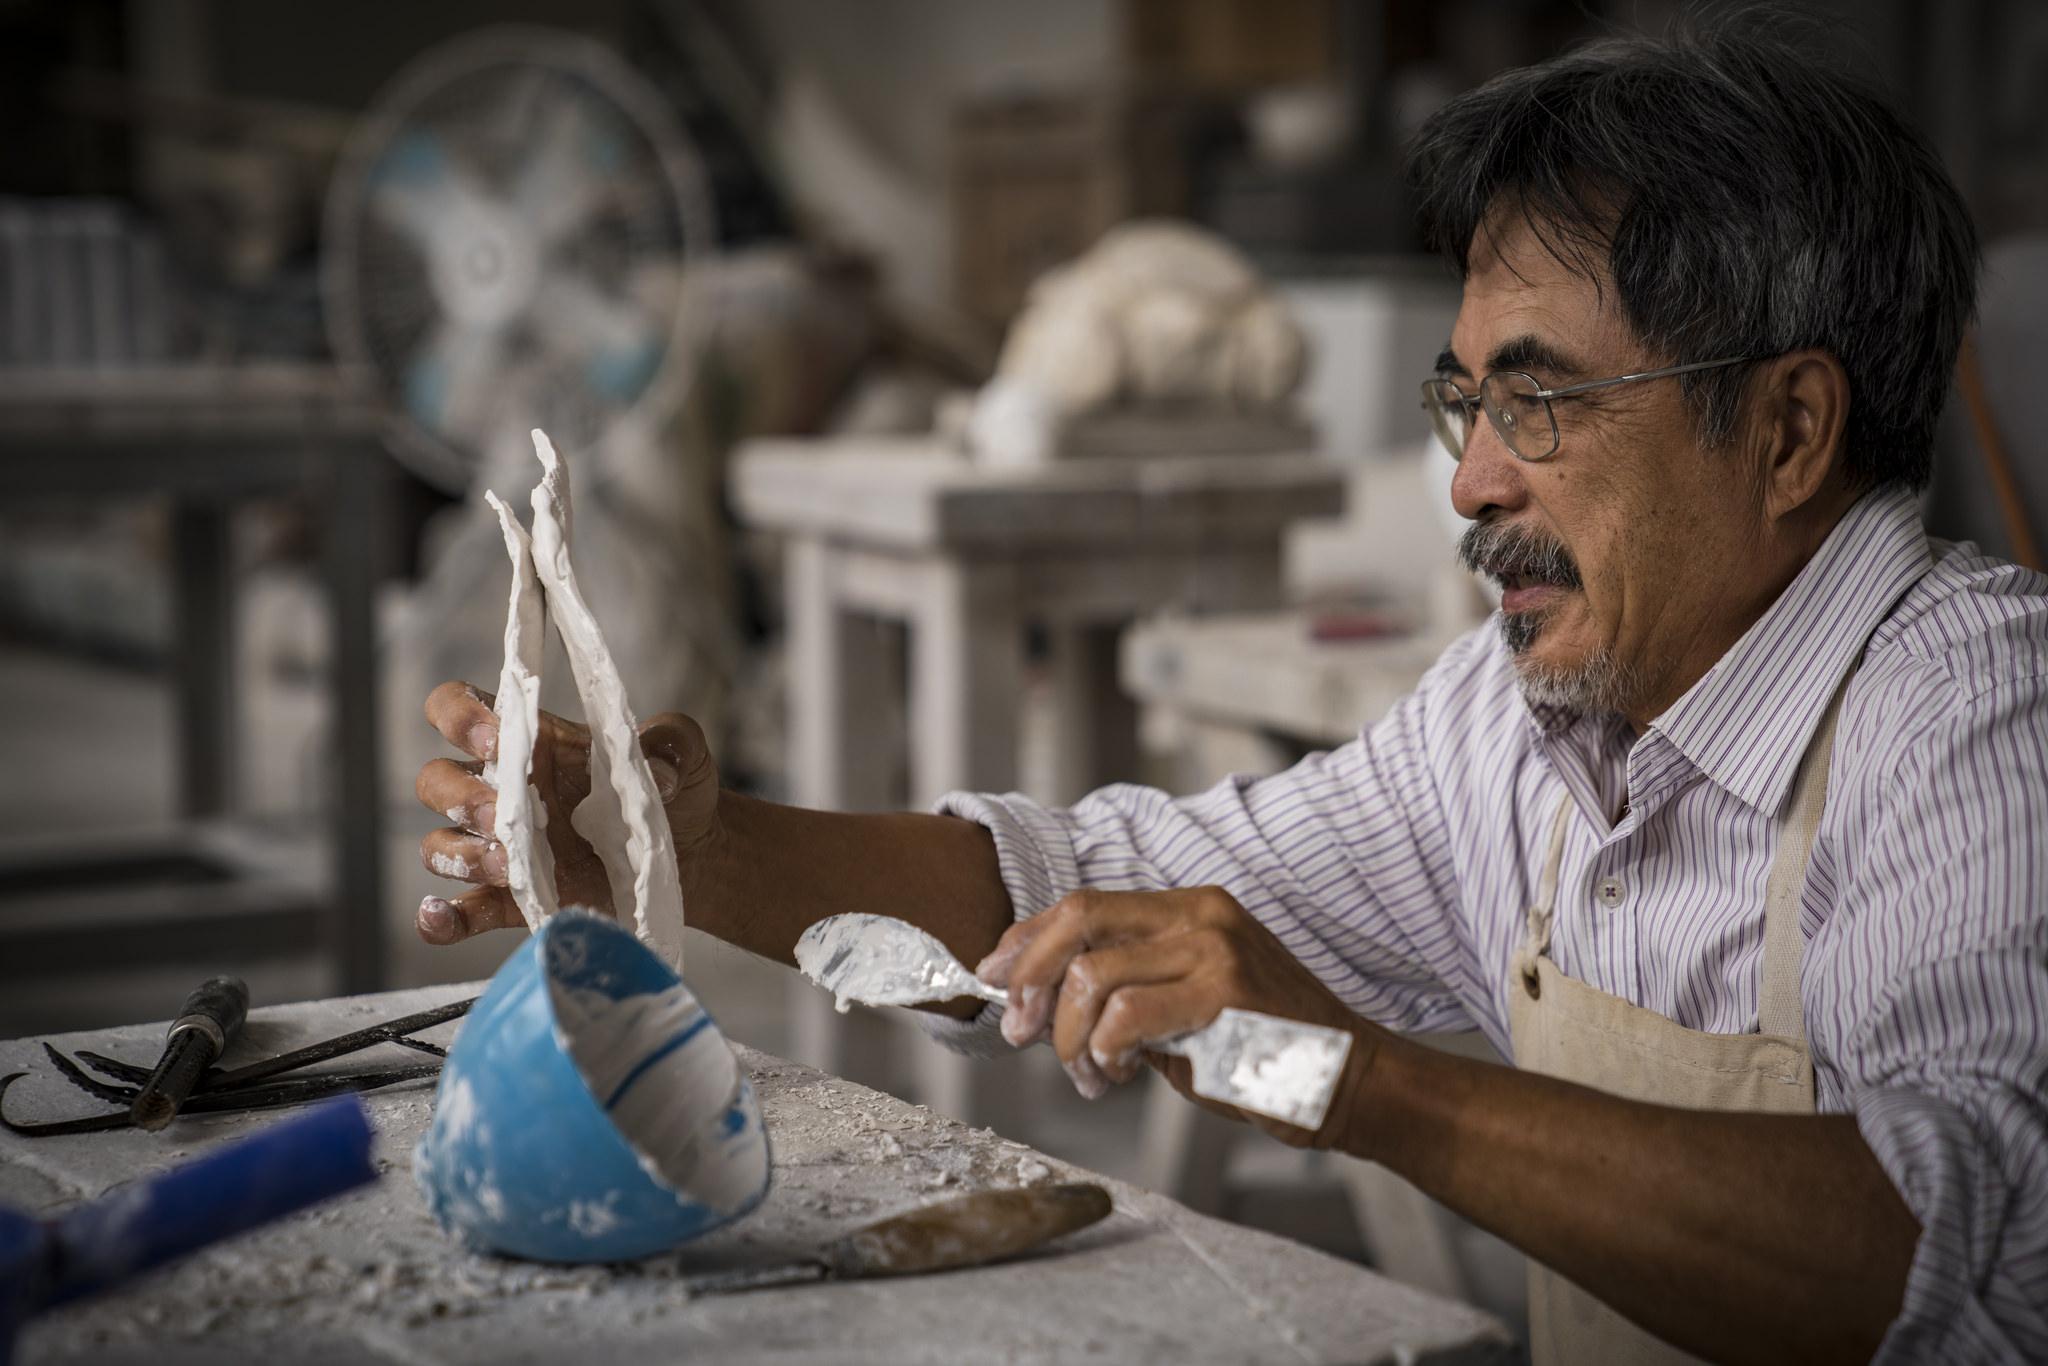 【台北文學獎20週年】專訪 雕塑家-黎志文。我們心中都有一顆「文學」種子等待萌芽